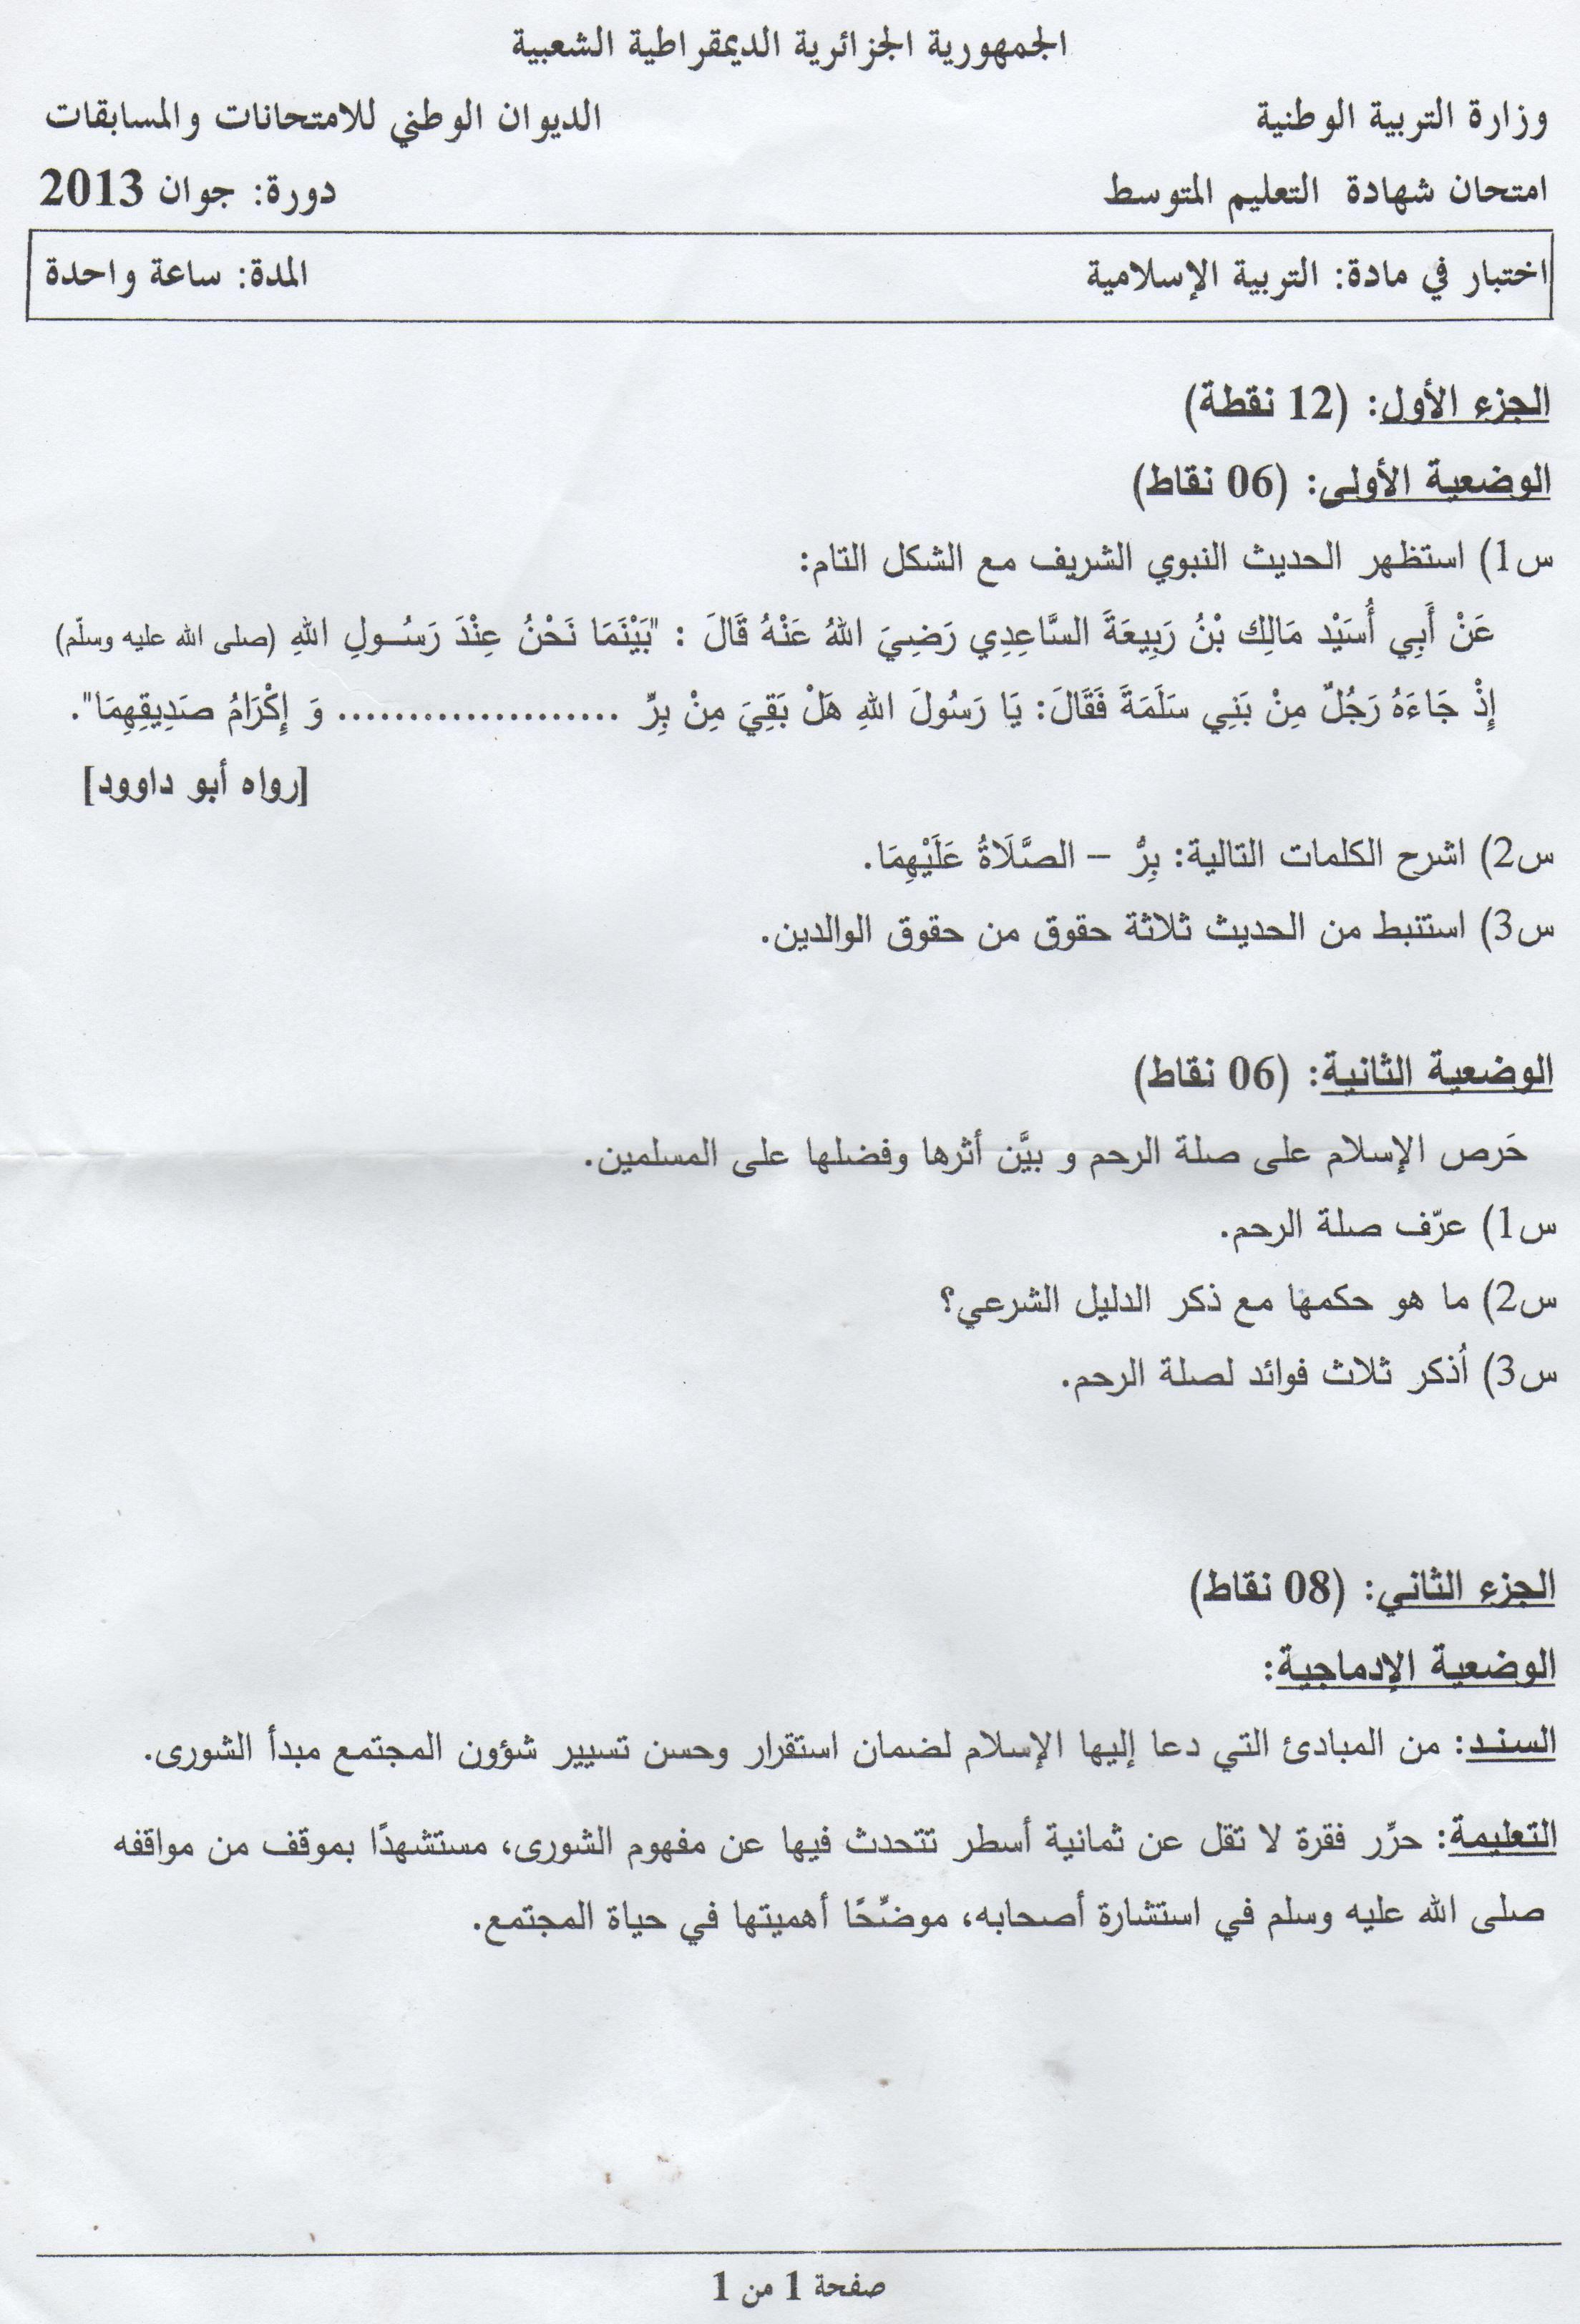 أسئلة إمتحان التربية الإسلامية في شهادة التعليم المتوسط 2013 اليوم 9 جوان منتديات بوابة الونشريس Math Person Math Equations